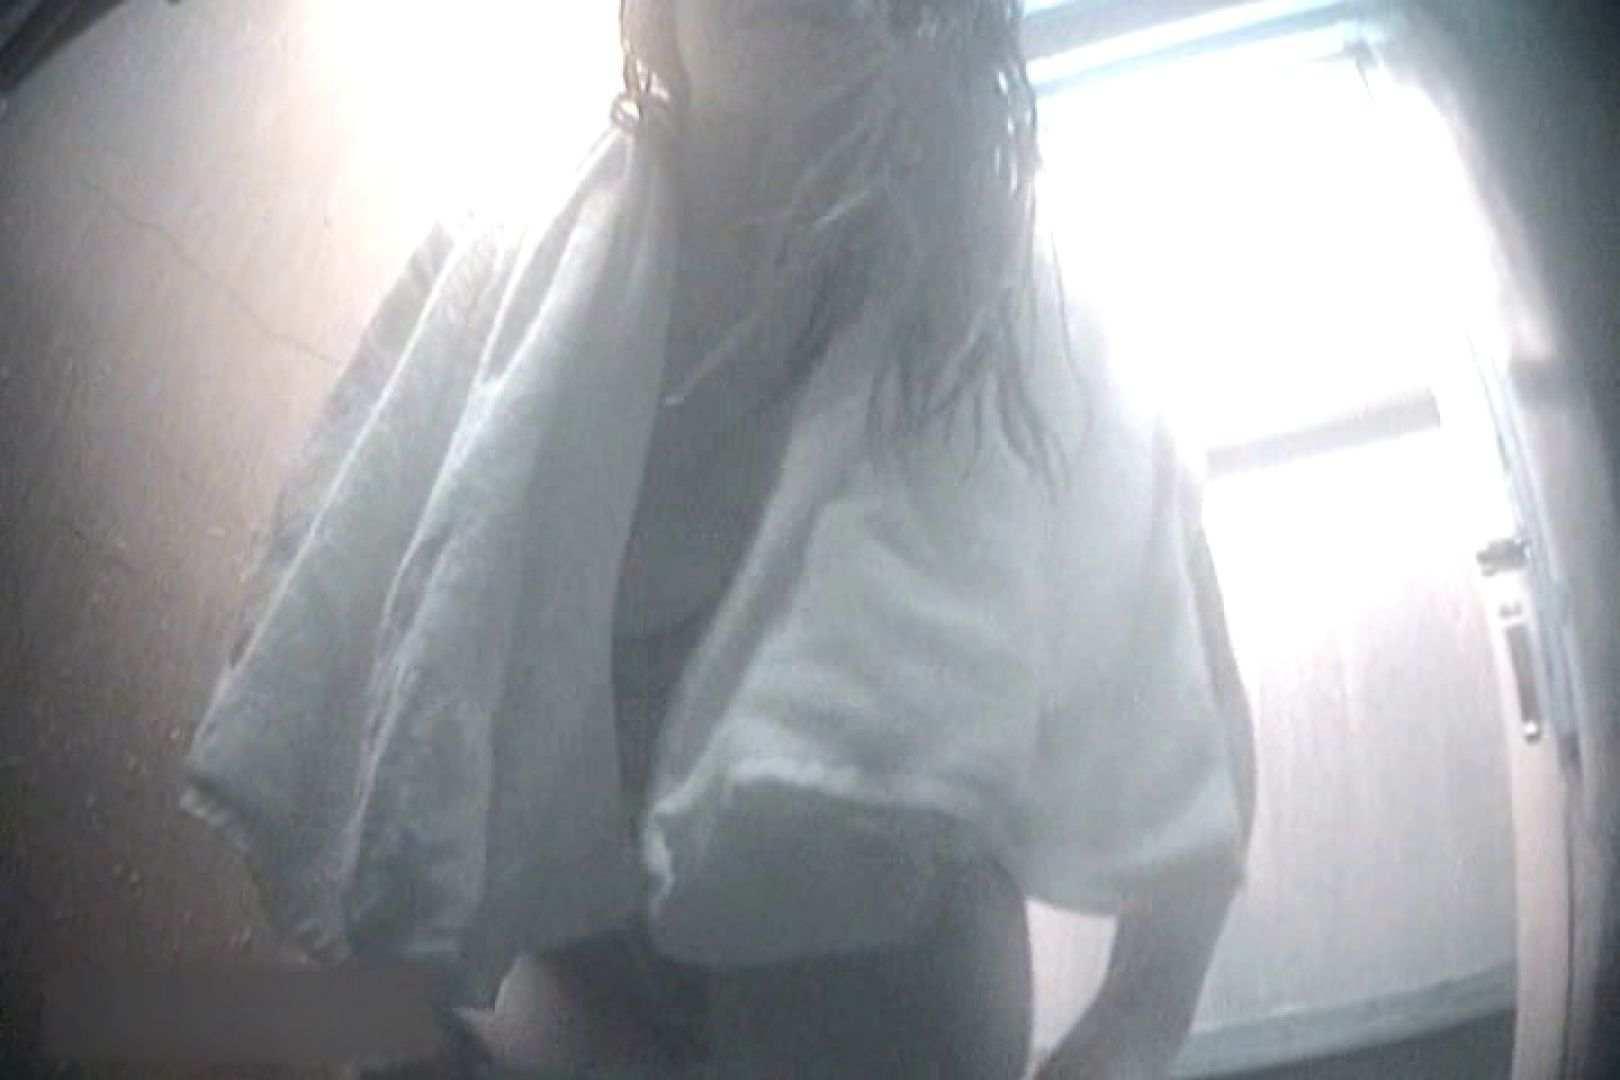 夏海シャワー室!ベトベトお肌をサラサラに!VOL.11 おまんこ丸見え 覗きオメコ動画キャプチャ 105連発 47